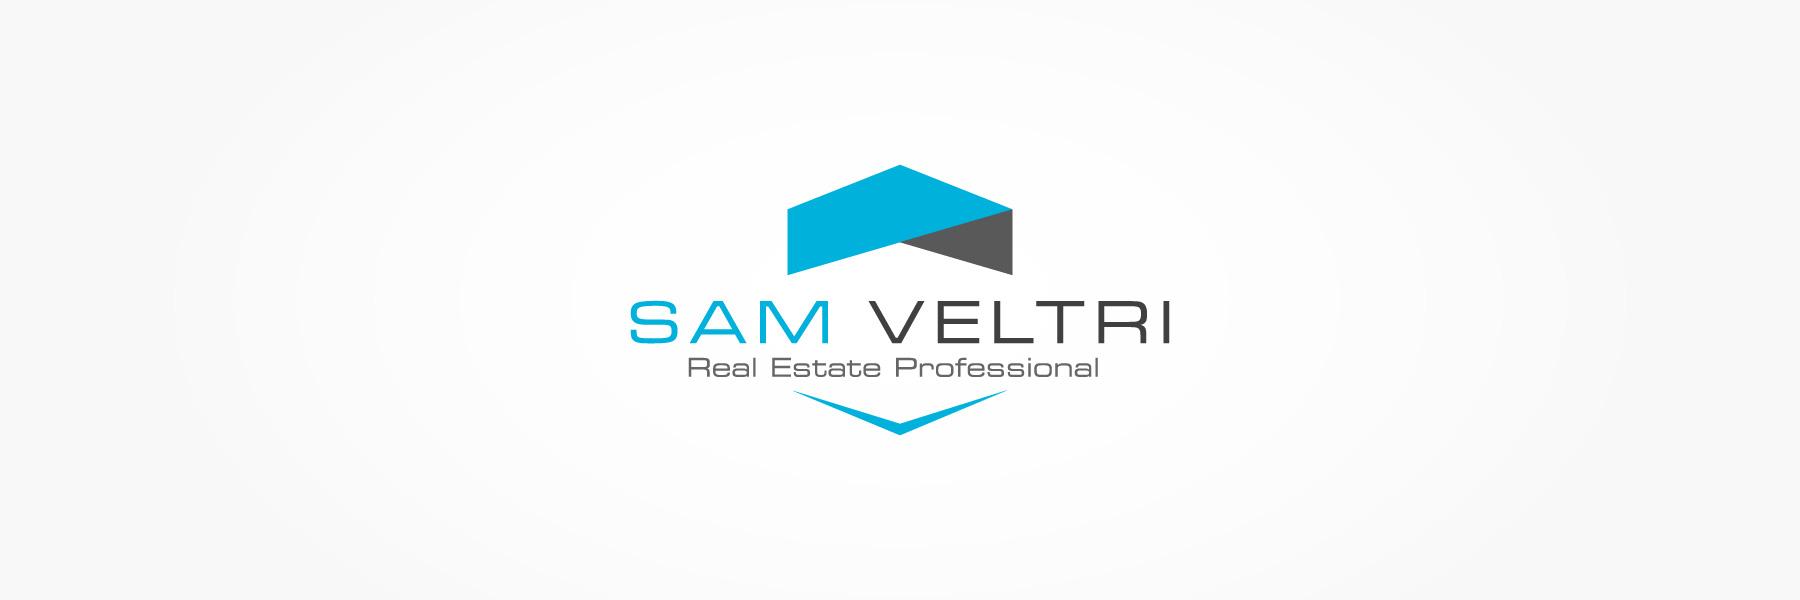 Sam-veltri-logo-design